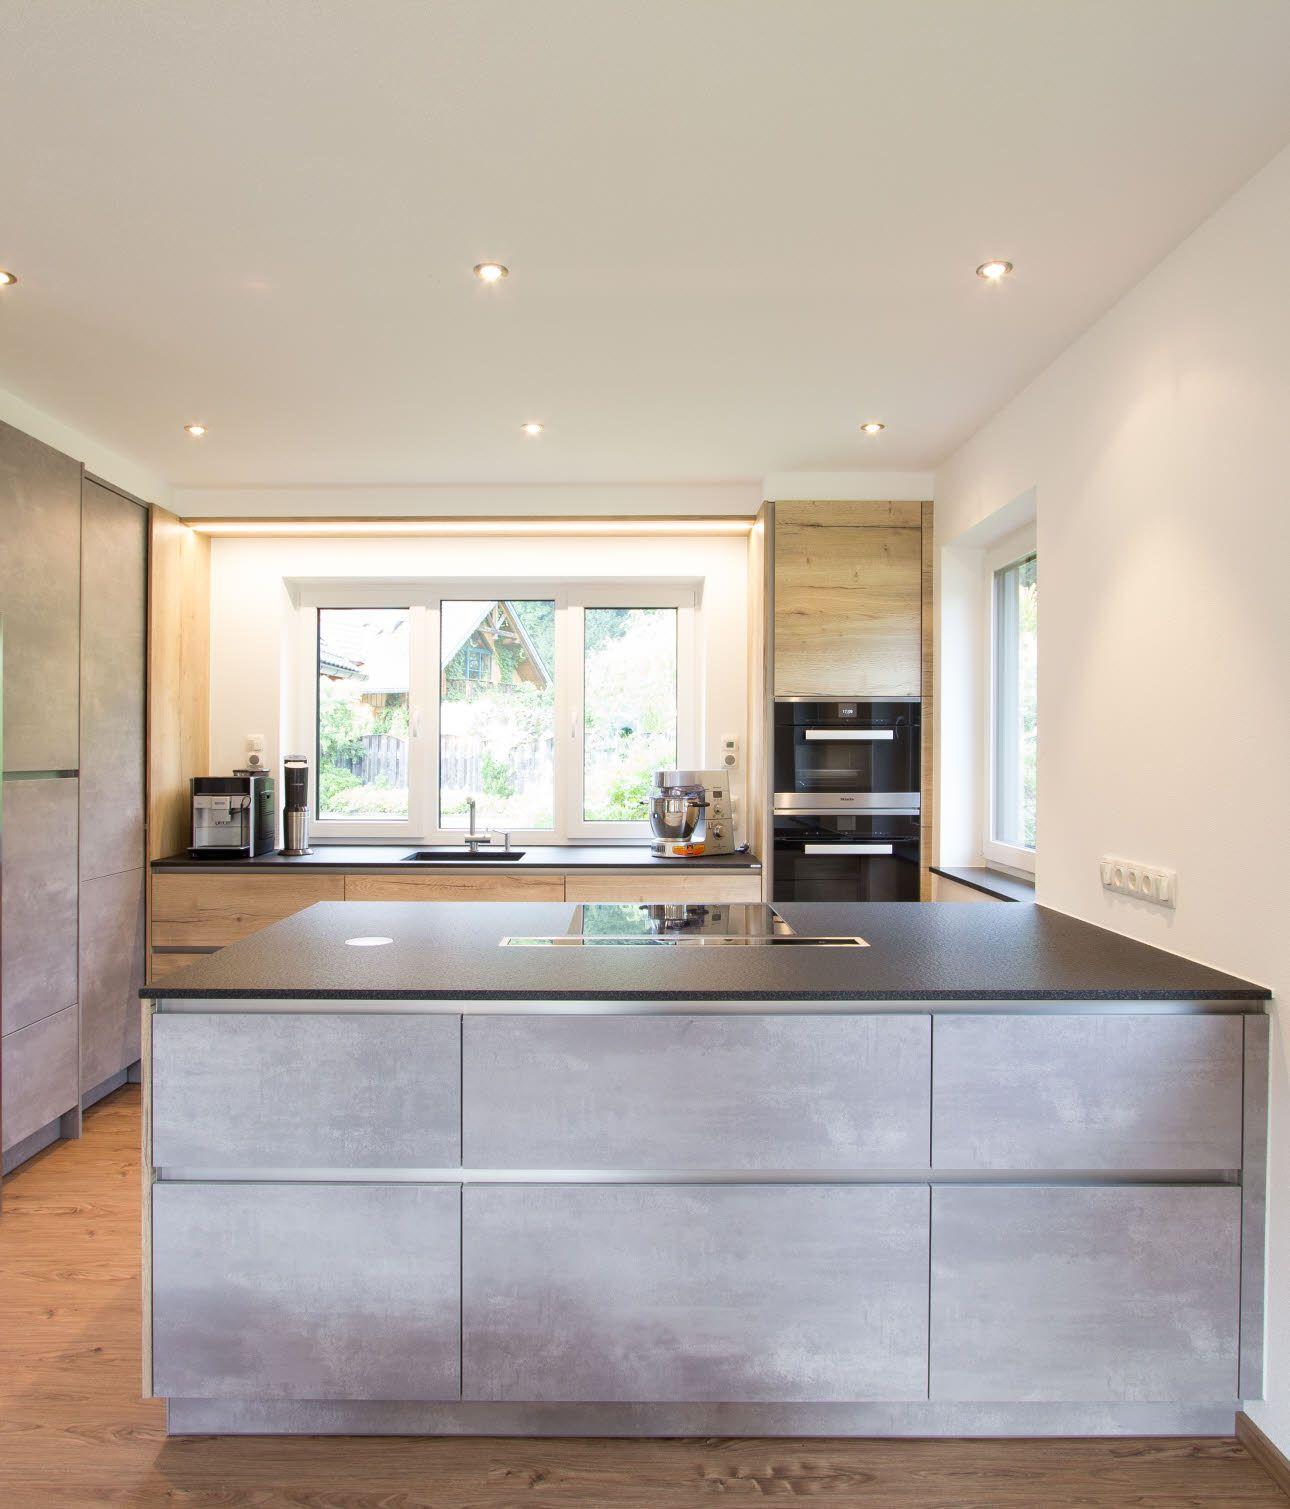 Küche in Betonoptik mit viel Stauraum Küche betonoptik